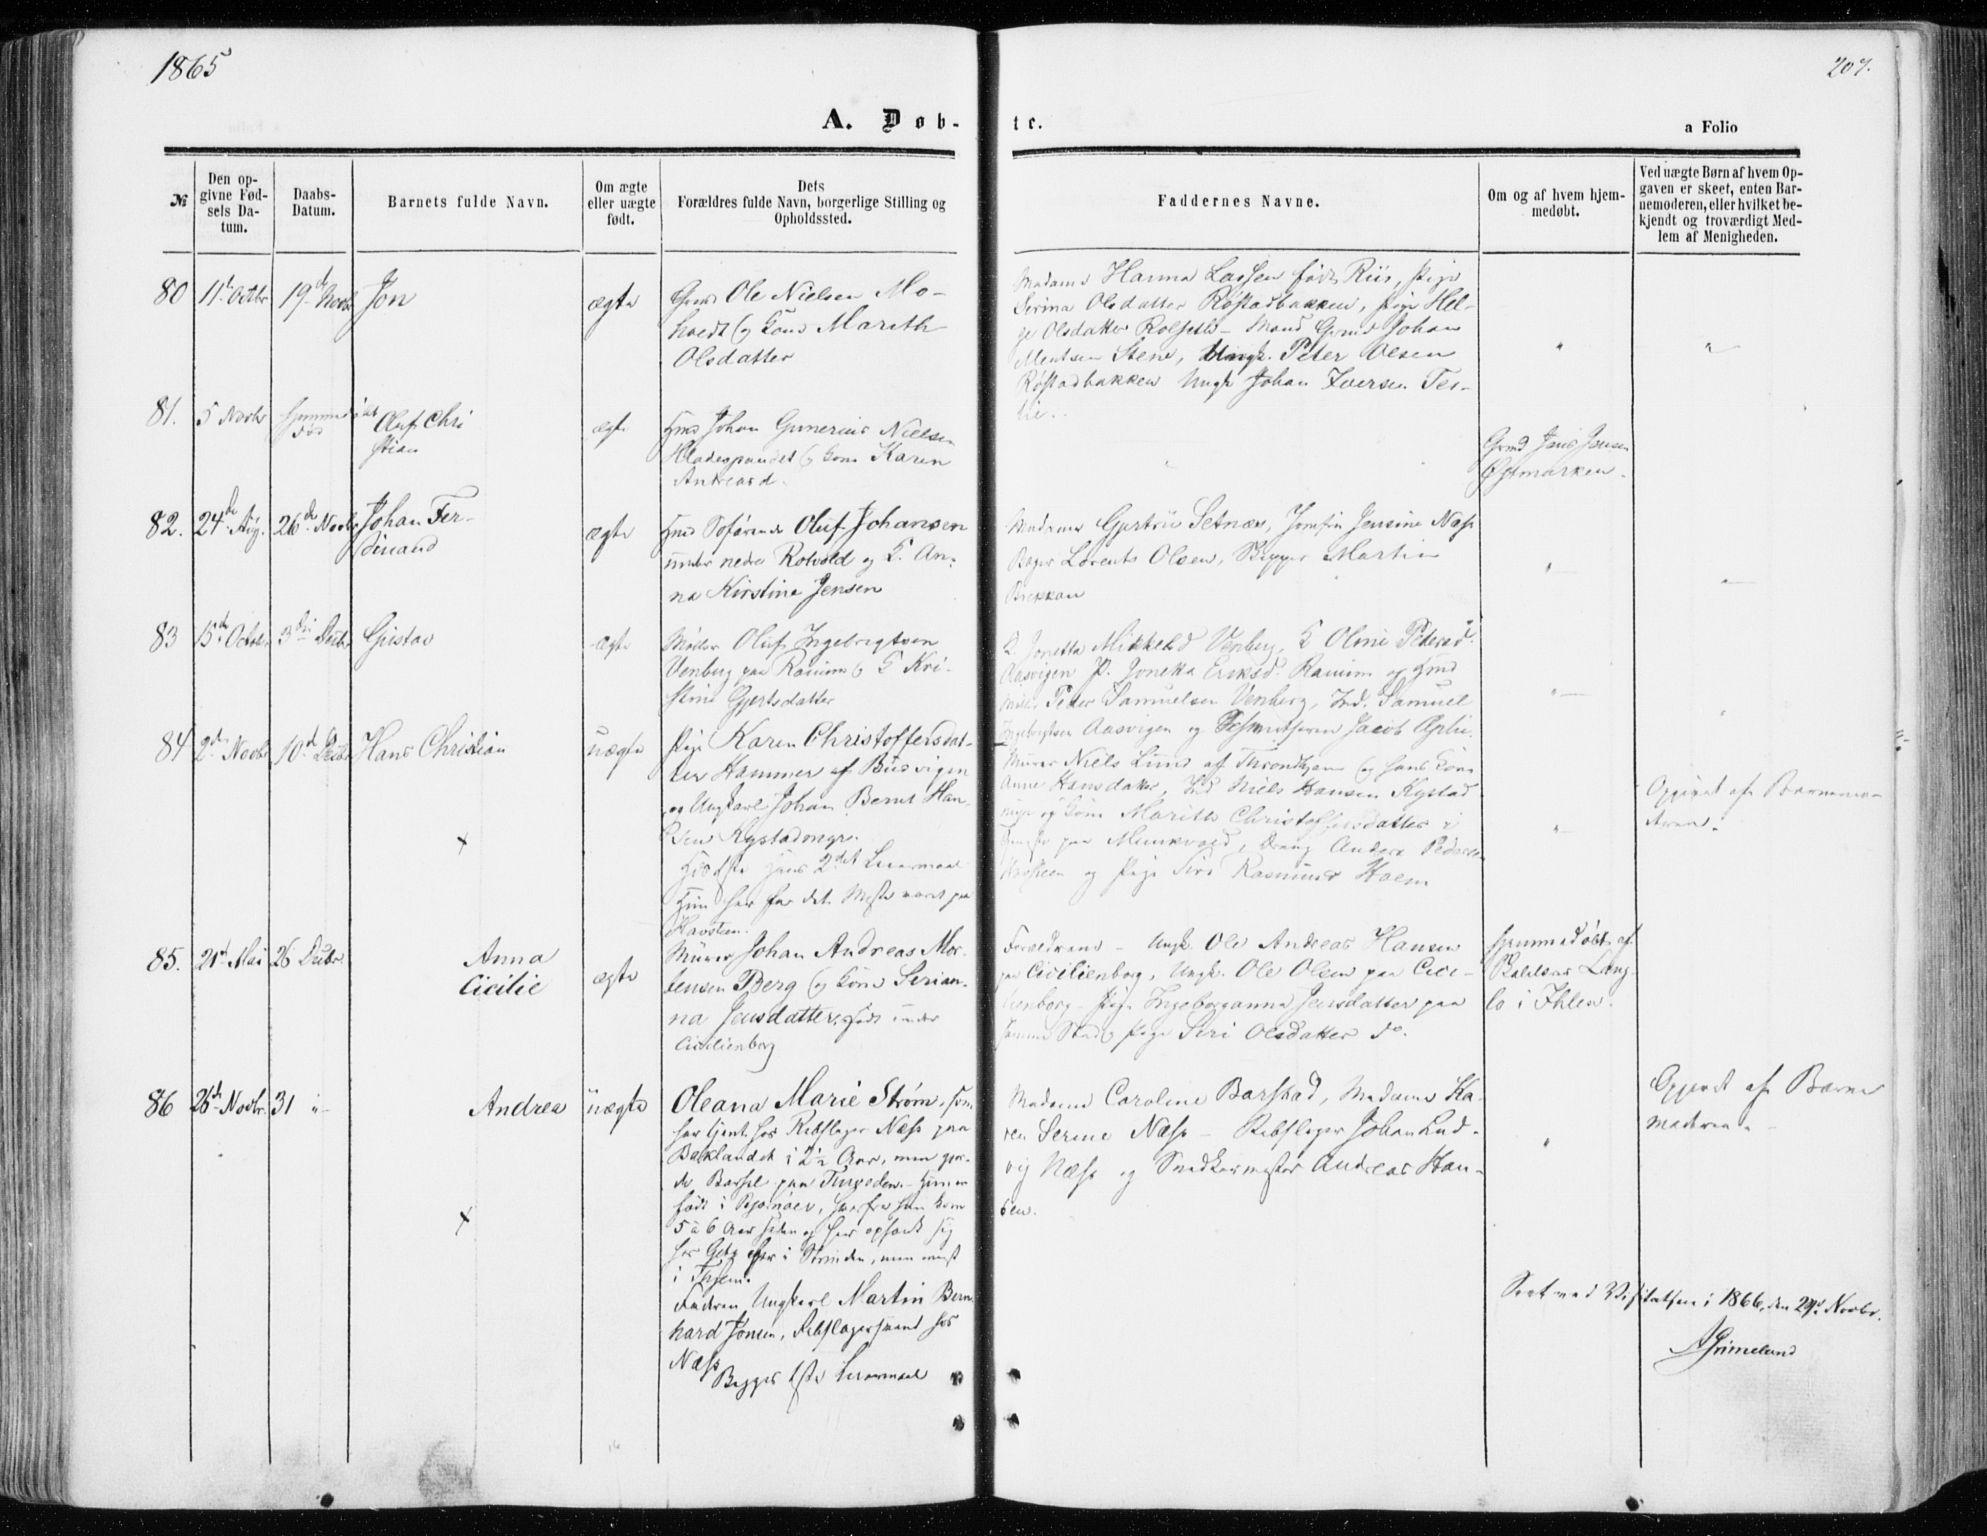 SAT, Ministerialprotokoller, klokkerbøker og fødselsregistre - Sør-Trøndelag, 606/L0292: Ministerialbok nr. 606A07, 1856-1865, s. 207